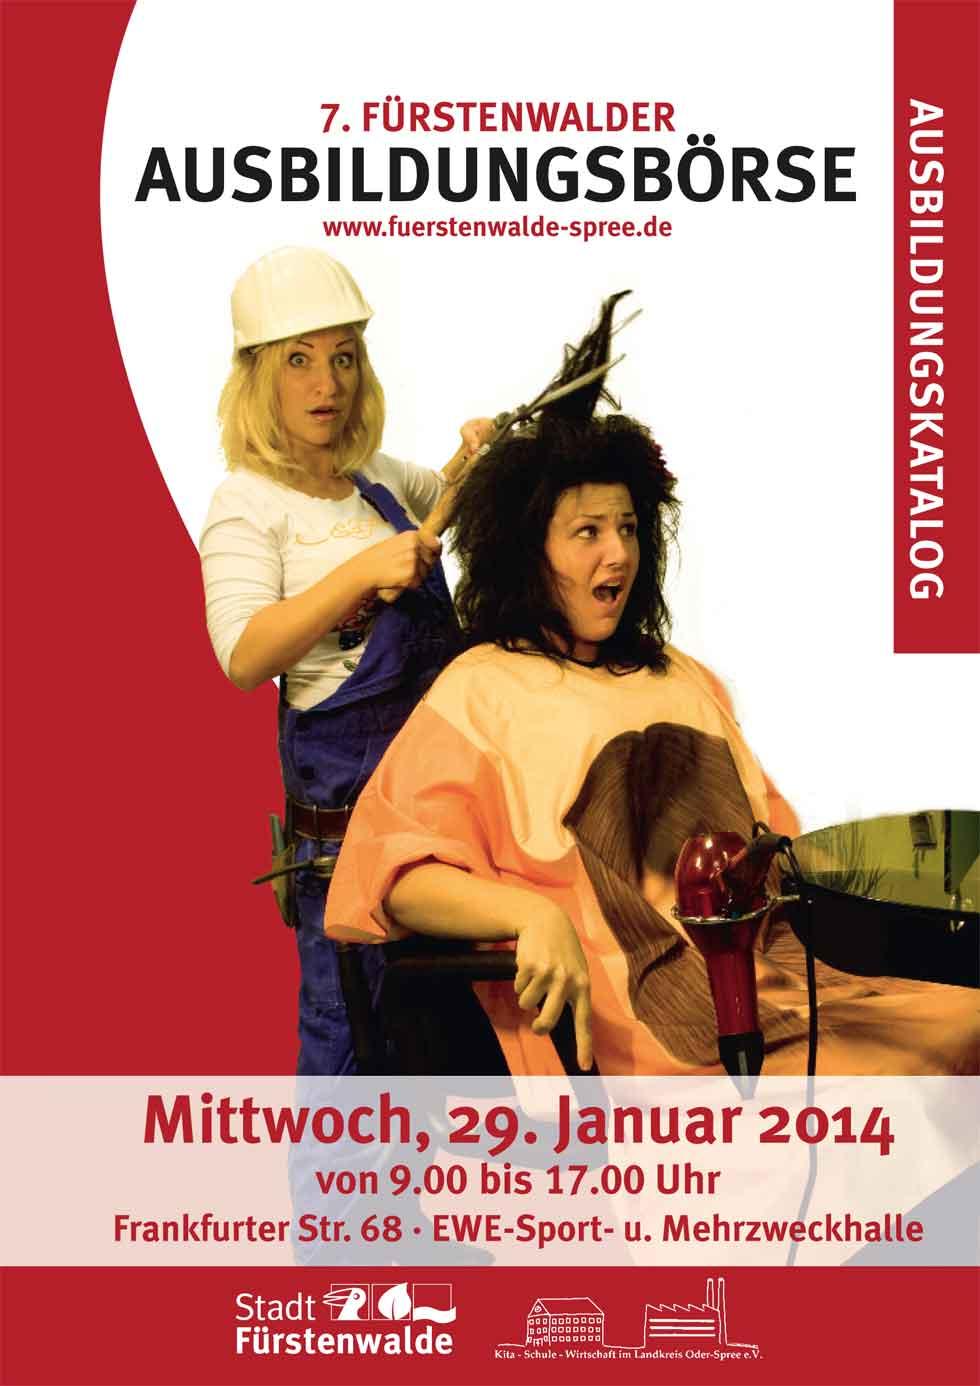 Bauarbeiter schneidet Haare als Cover für Flyer für die Fürstenwalder Ausbildungsbörse